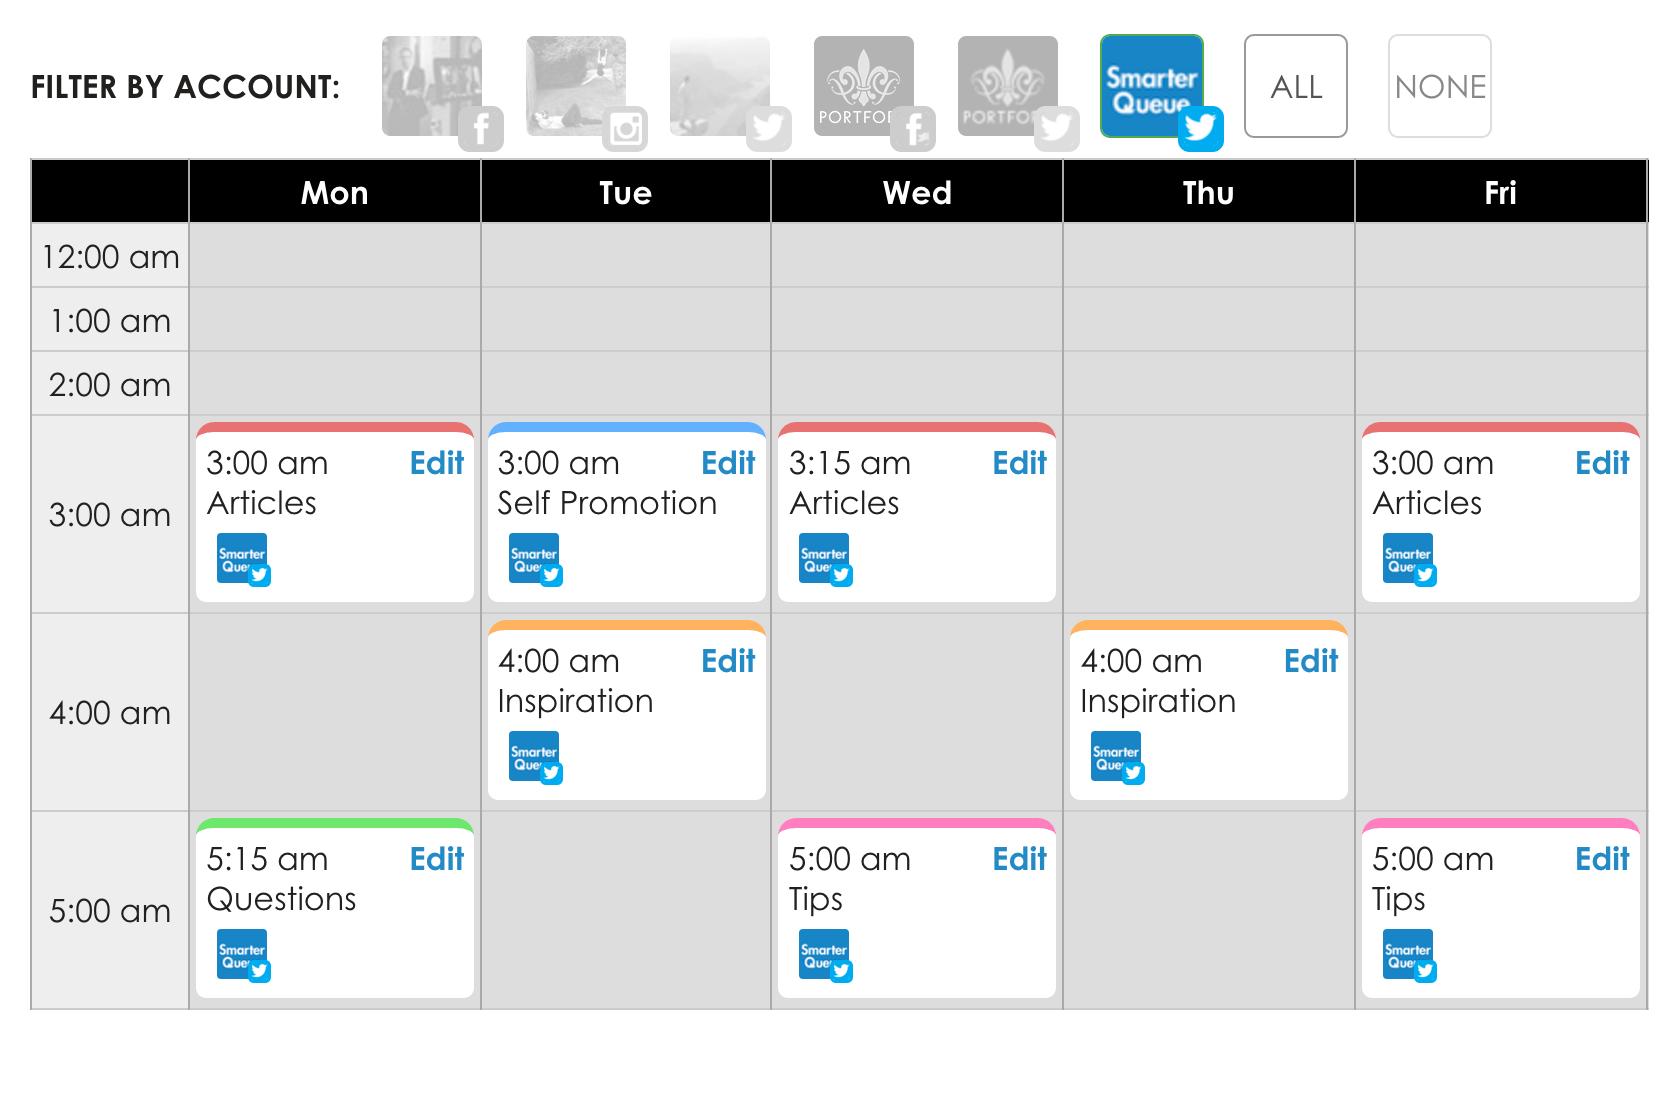 SmarterQueue's content calendar